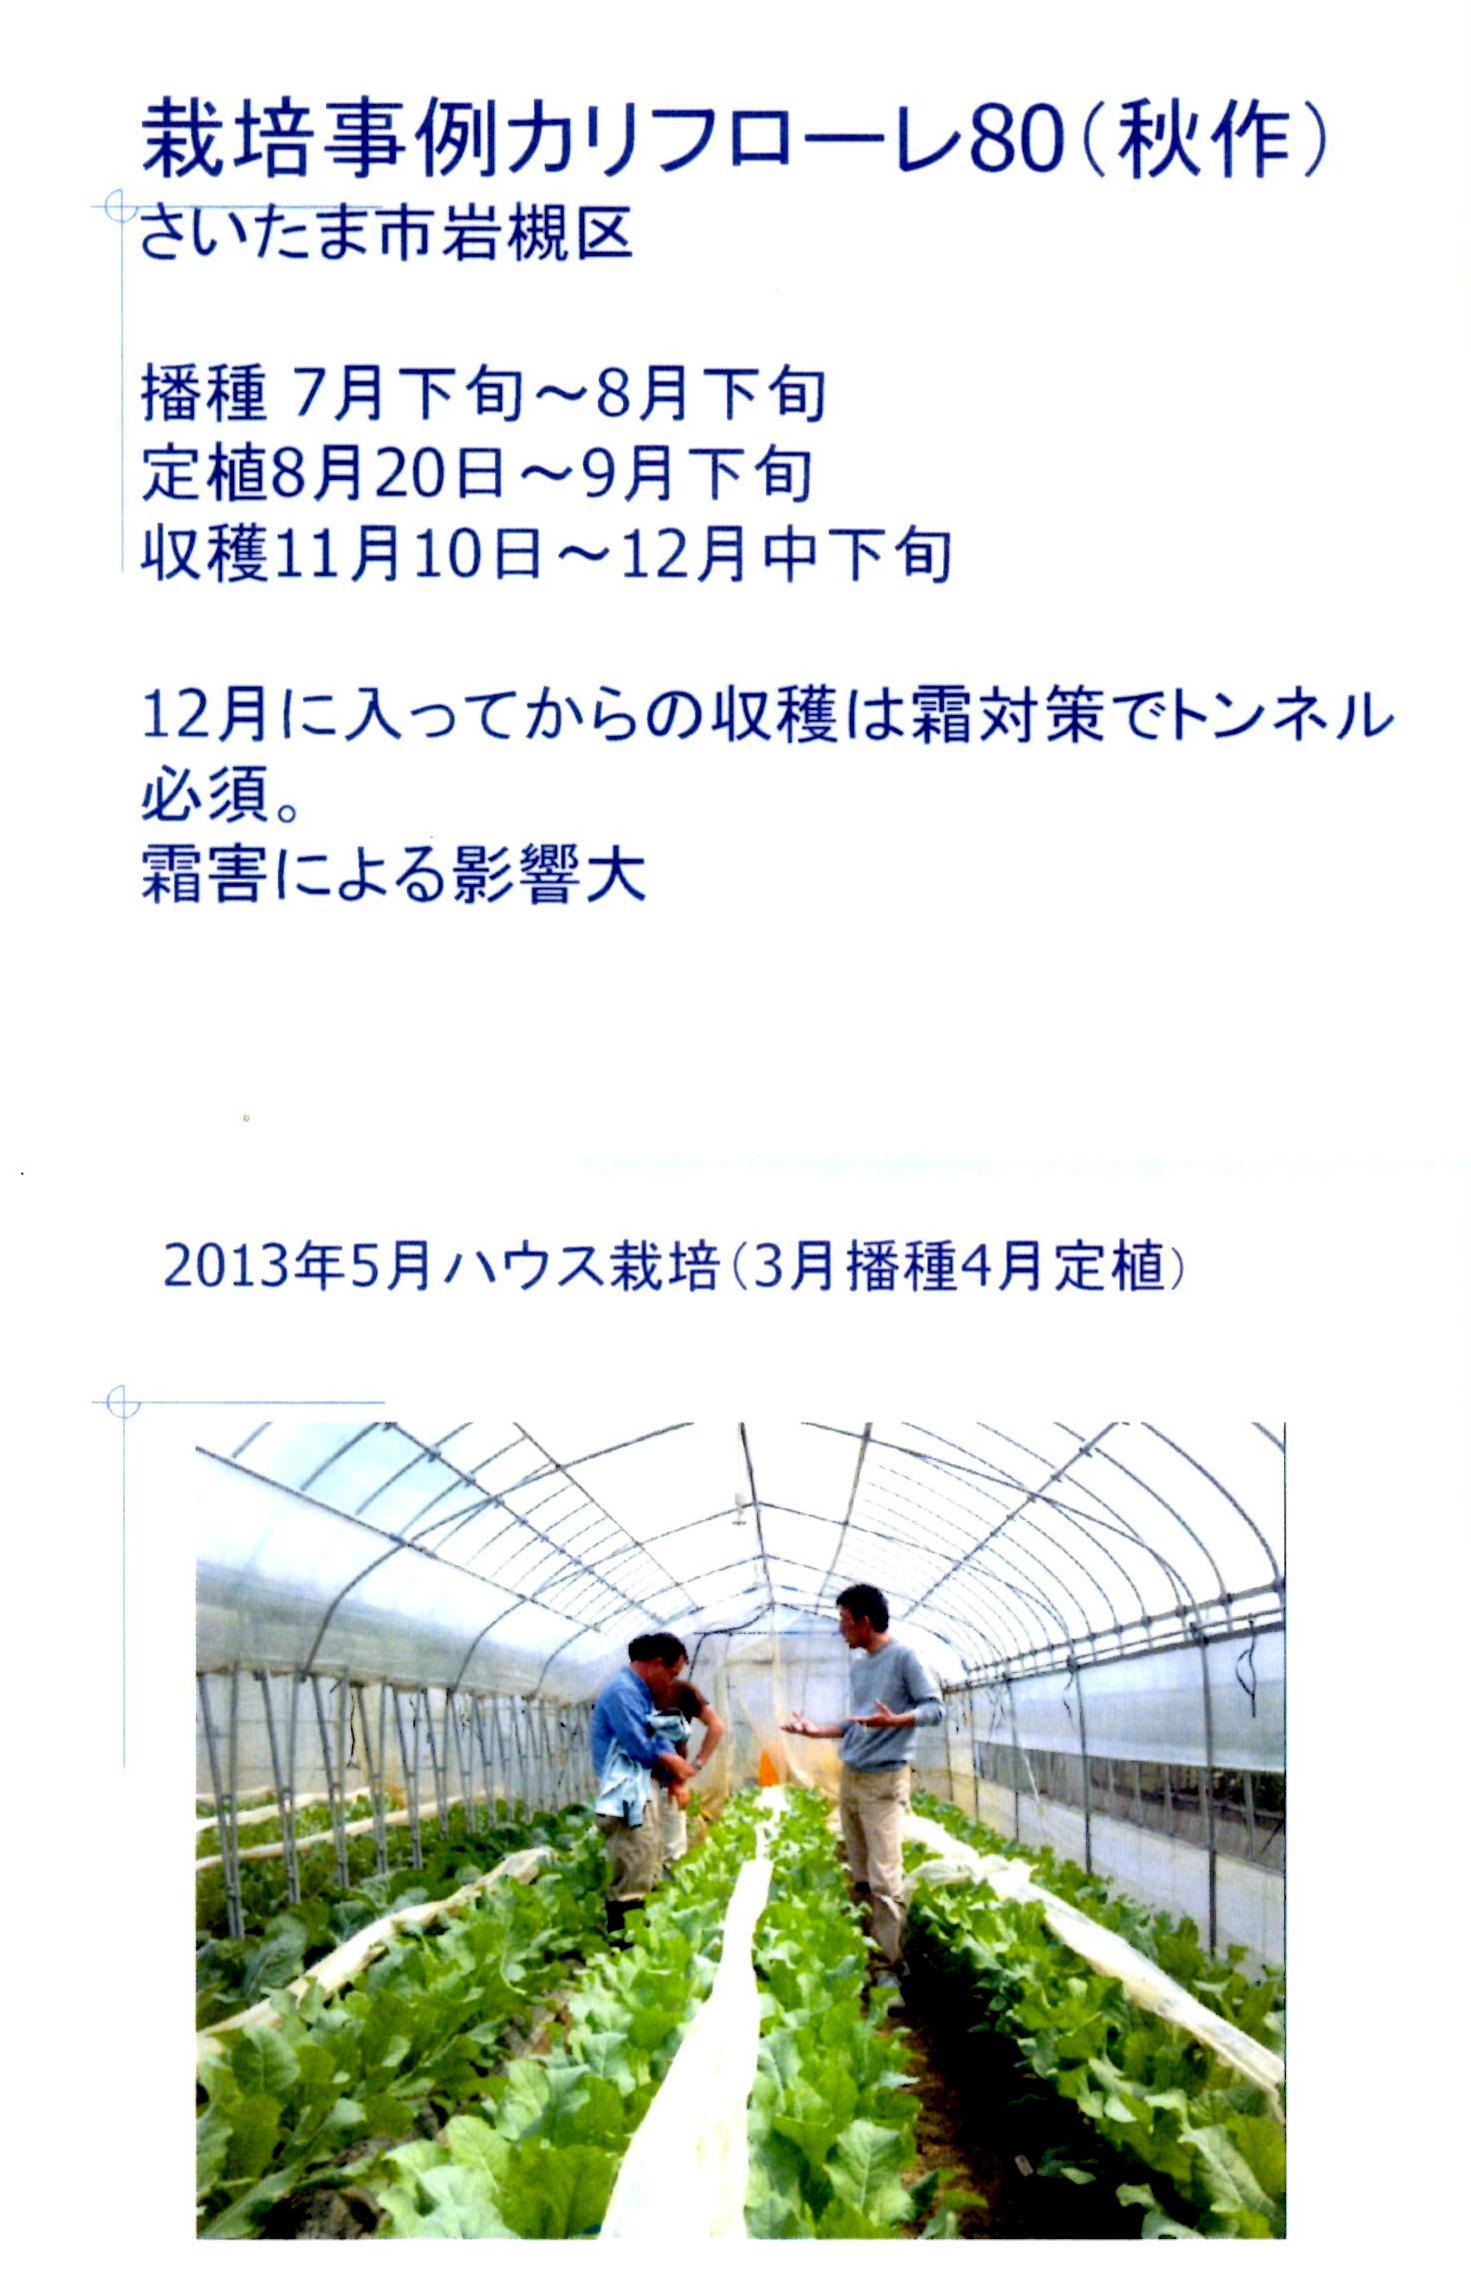 karifu-deta5.jpg